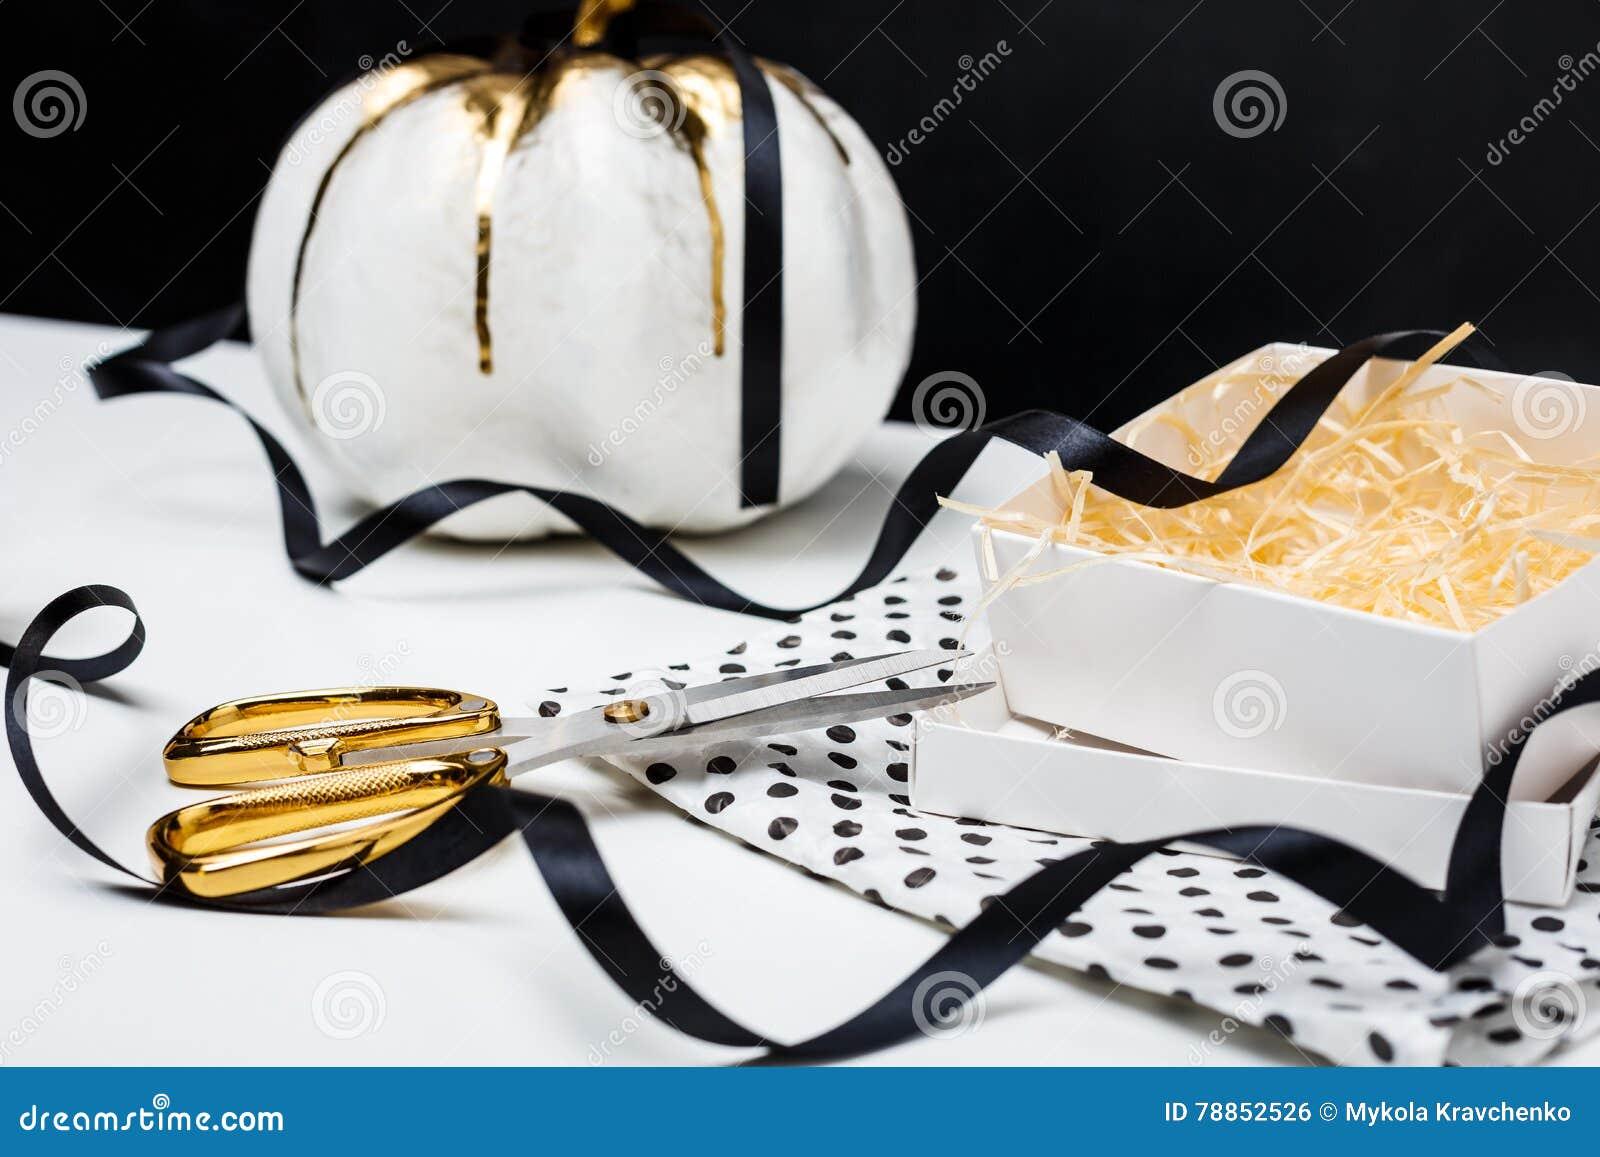 Decorazione Di Halloween Sulla Tavola Bianca Sopra Fondo